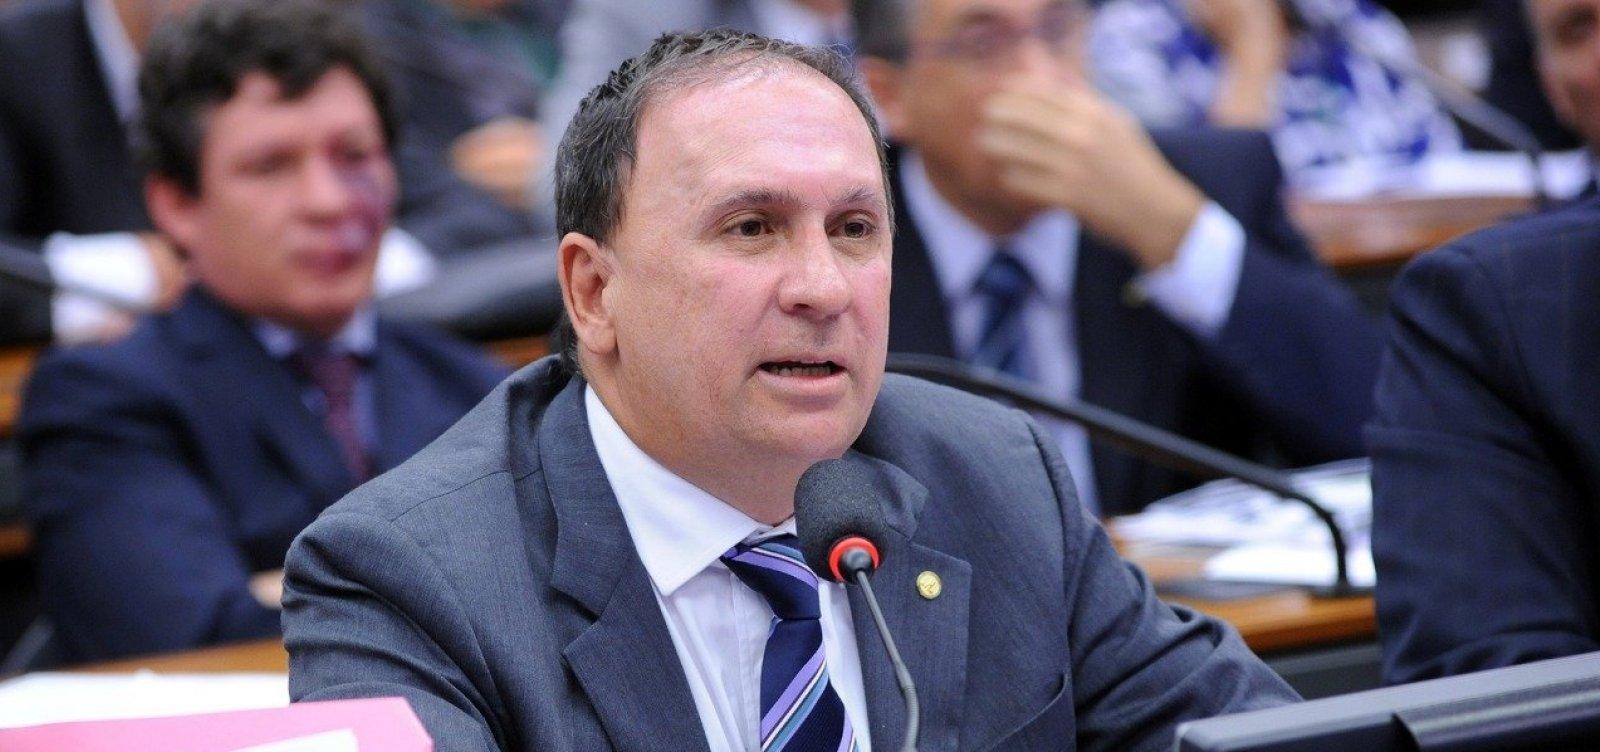 [Gualberto diz que PSDB mantém apoio, mas chama Zé Ronaldo de 'oportunista']